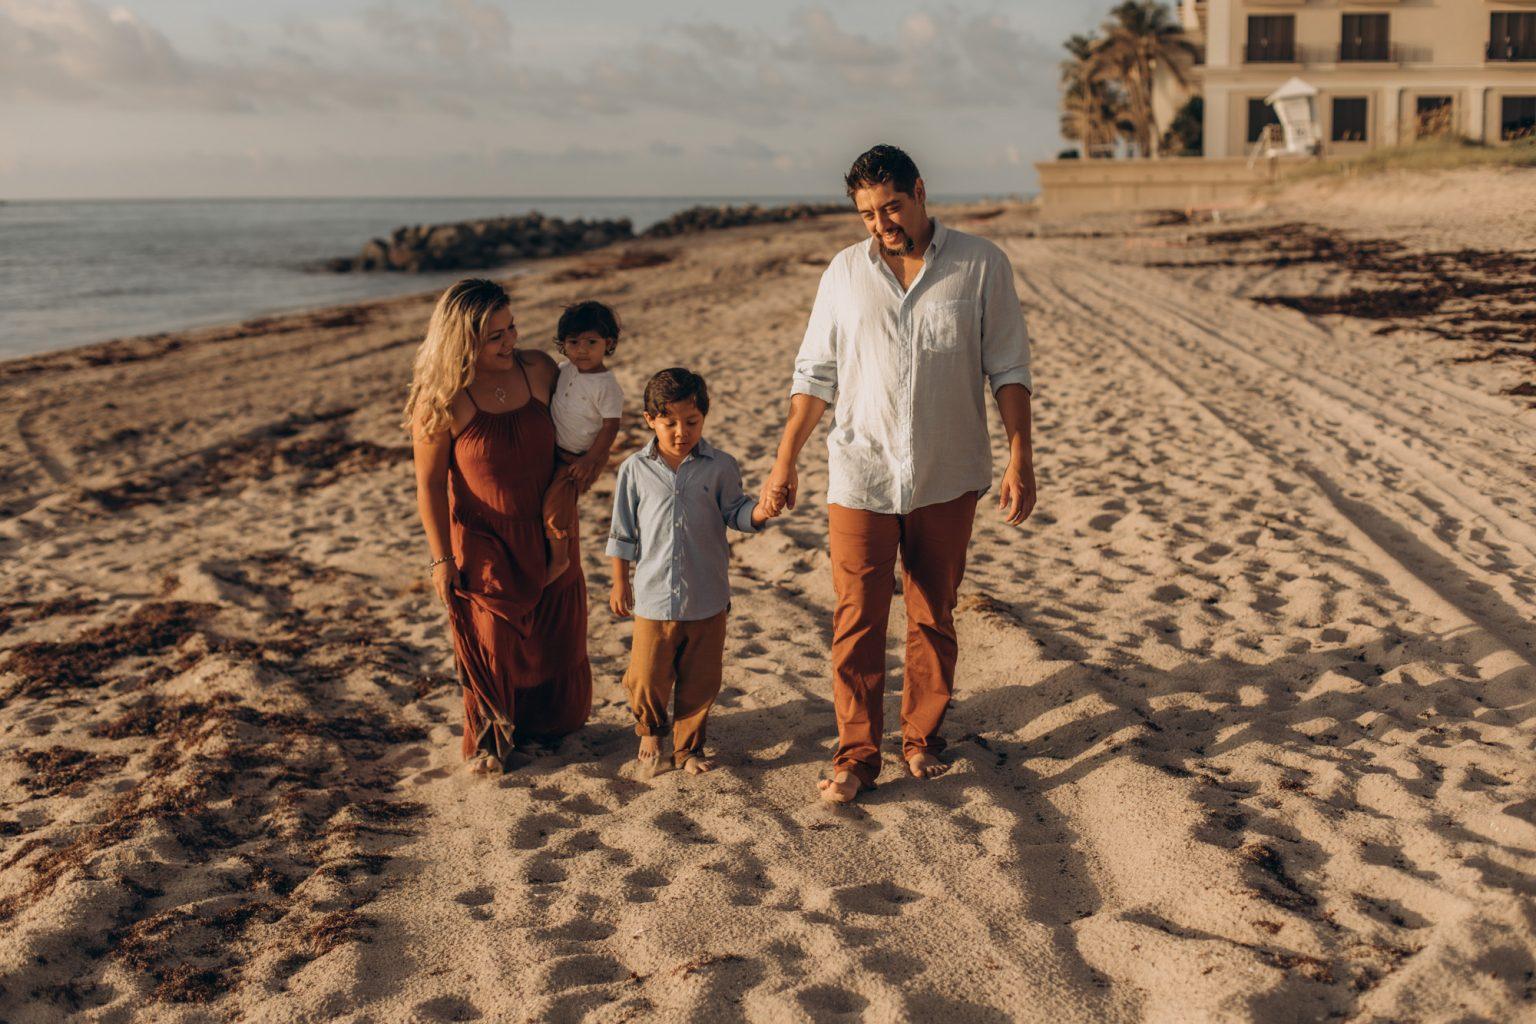 houston-family-photographer-florida-beach-session-208